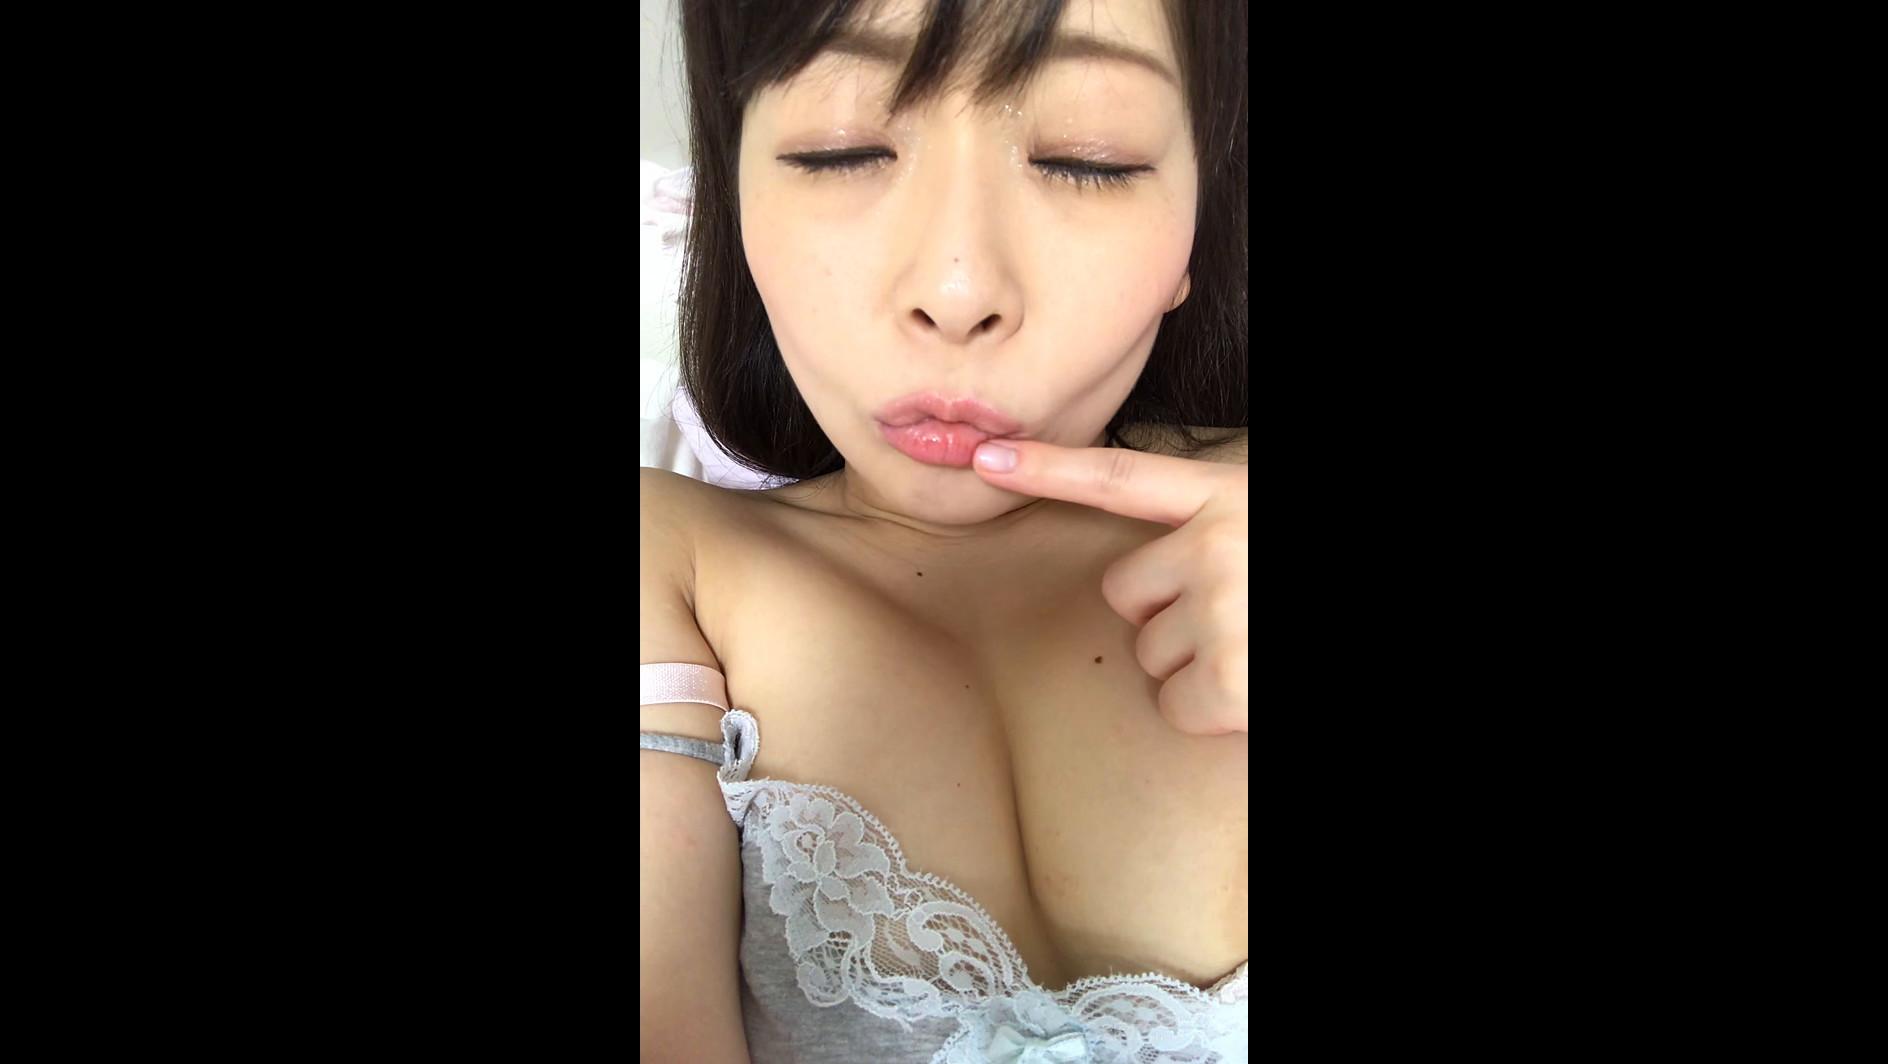 ビデオ通話エッチ JOIみおり 【縦動画】 画像10